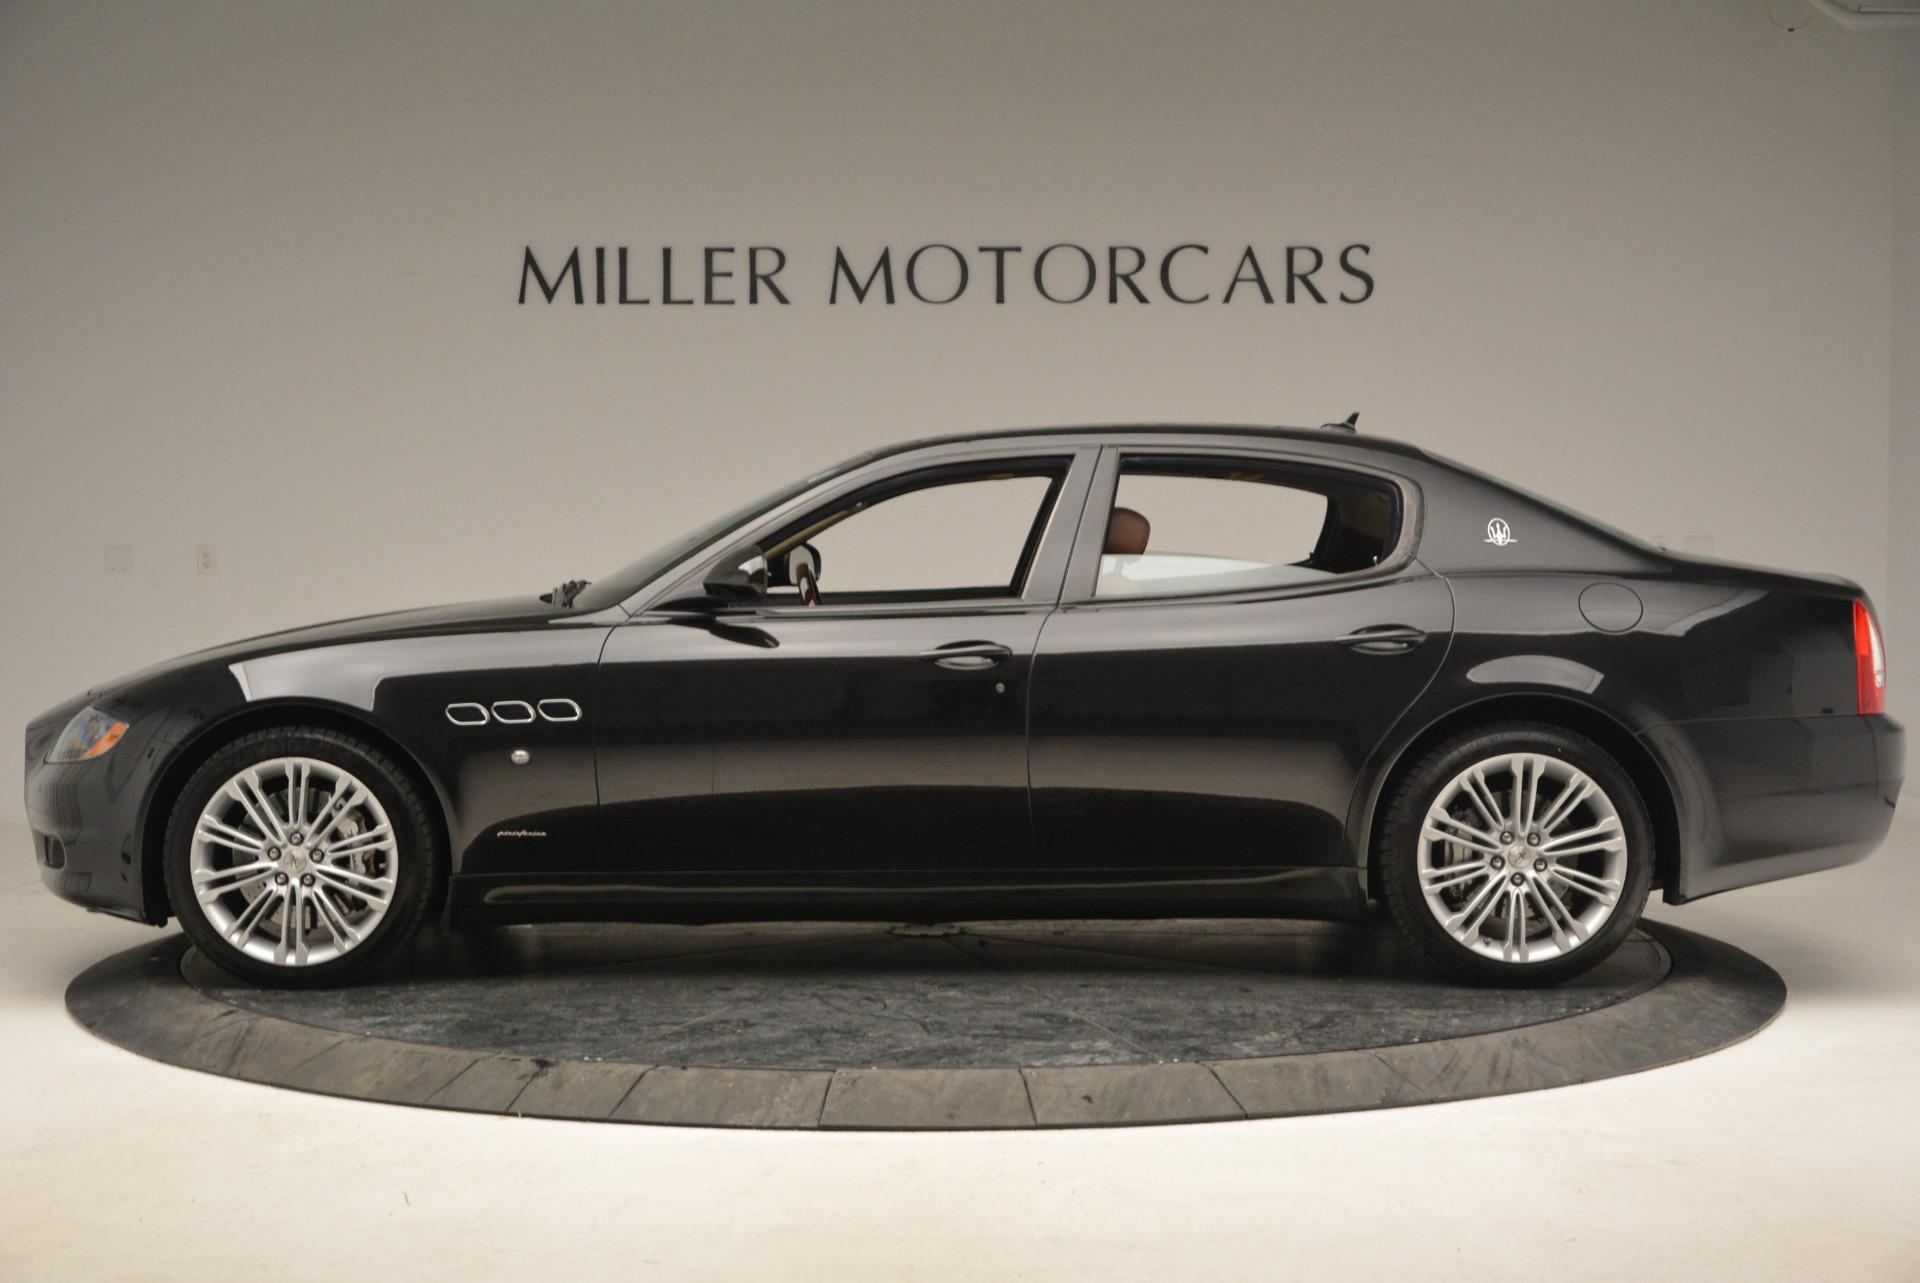 Used 2013 Maserati Quattroporte S For Sale In Greenwich, CT 1012_p3